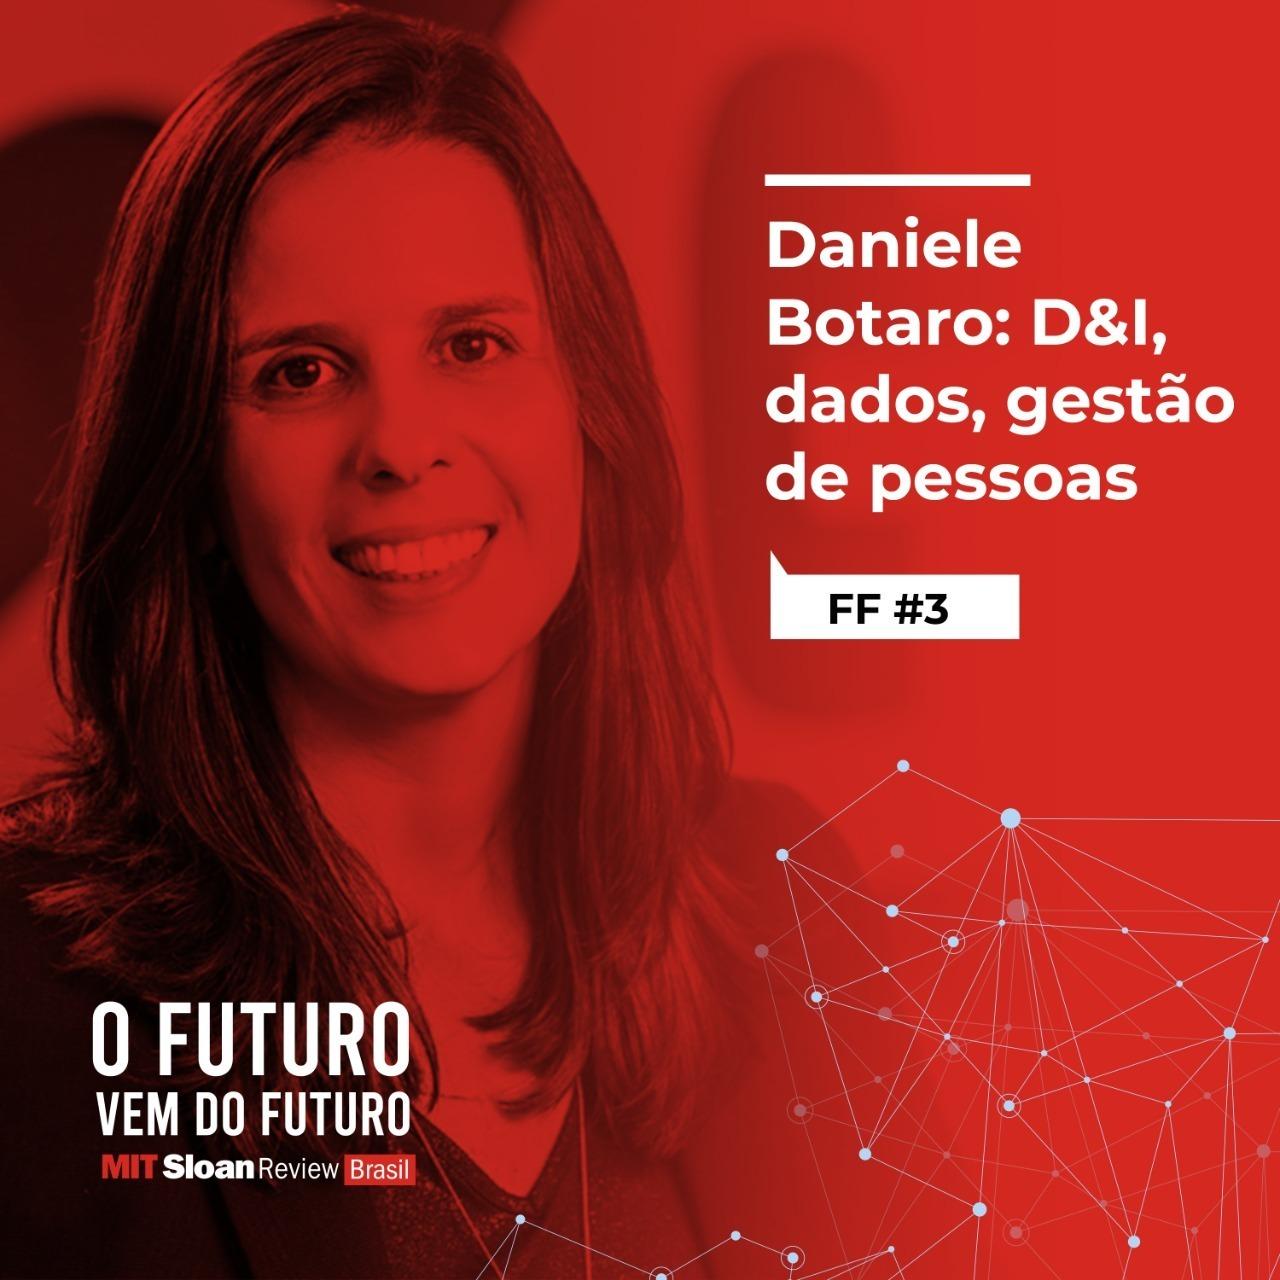 #3 - Daniele Botaro: D&I, dados, gestão de pessoas